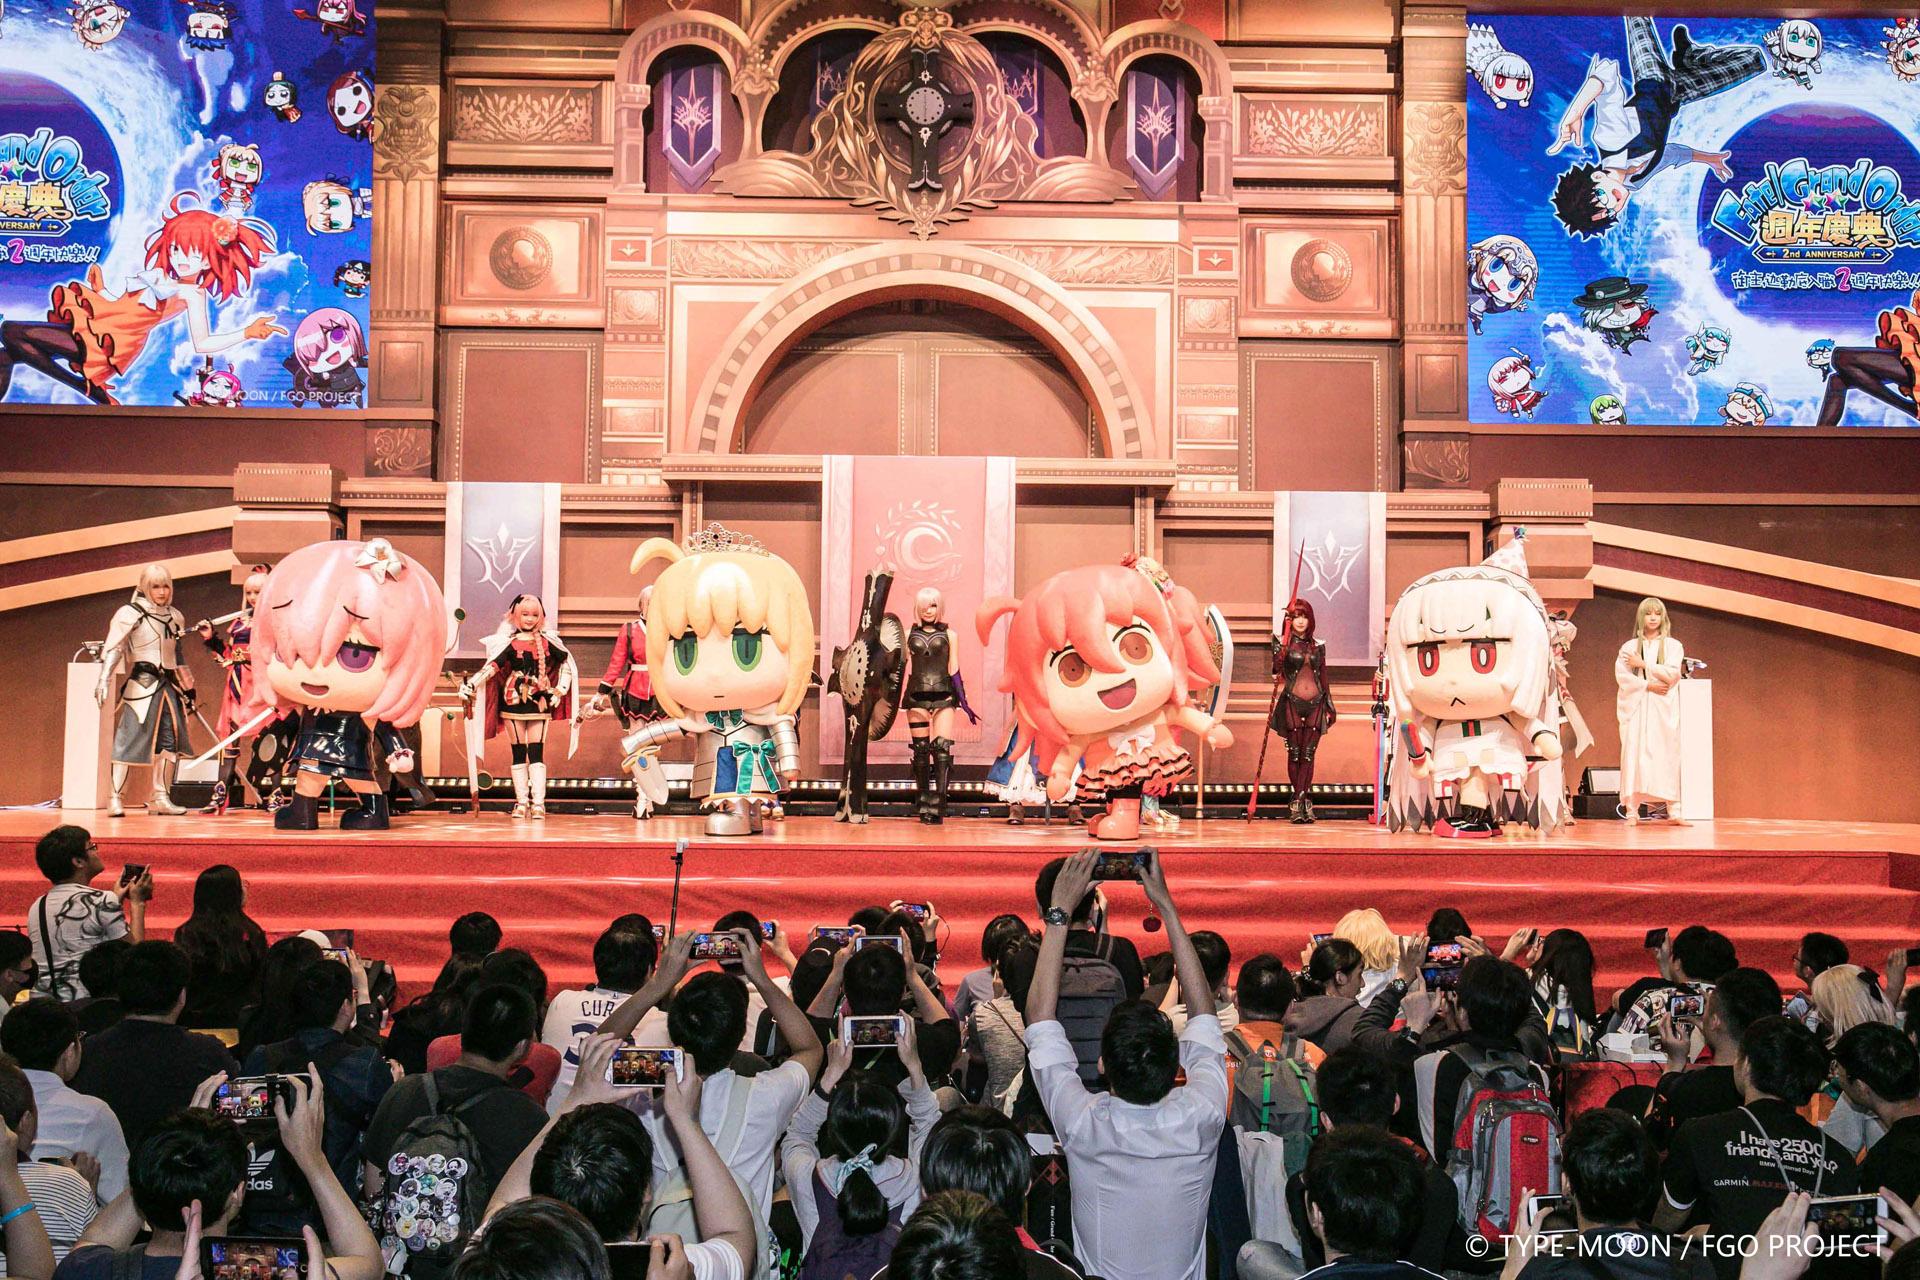 《Fate/Grand Order》繁中版大型線下活動「二週年慶典」完美落幕! 展區精彩活動回顧全記錄!